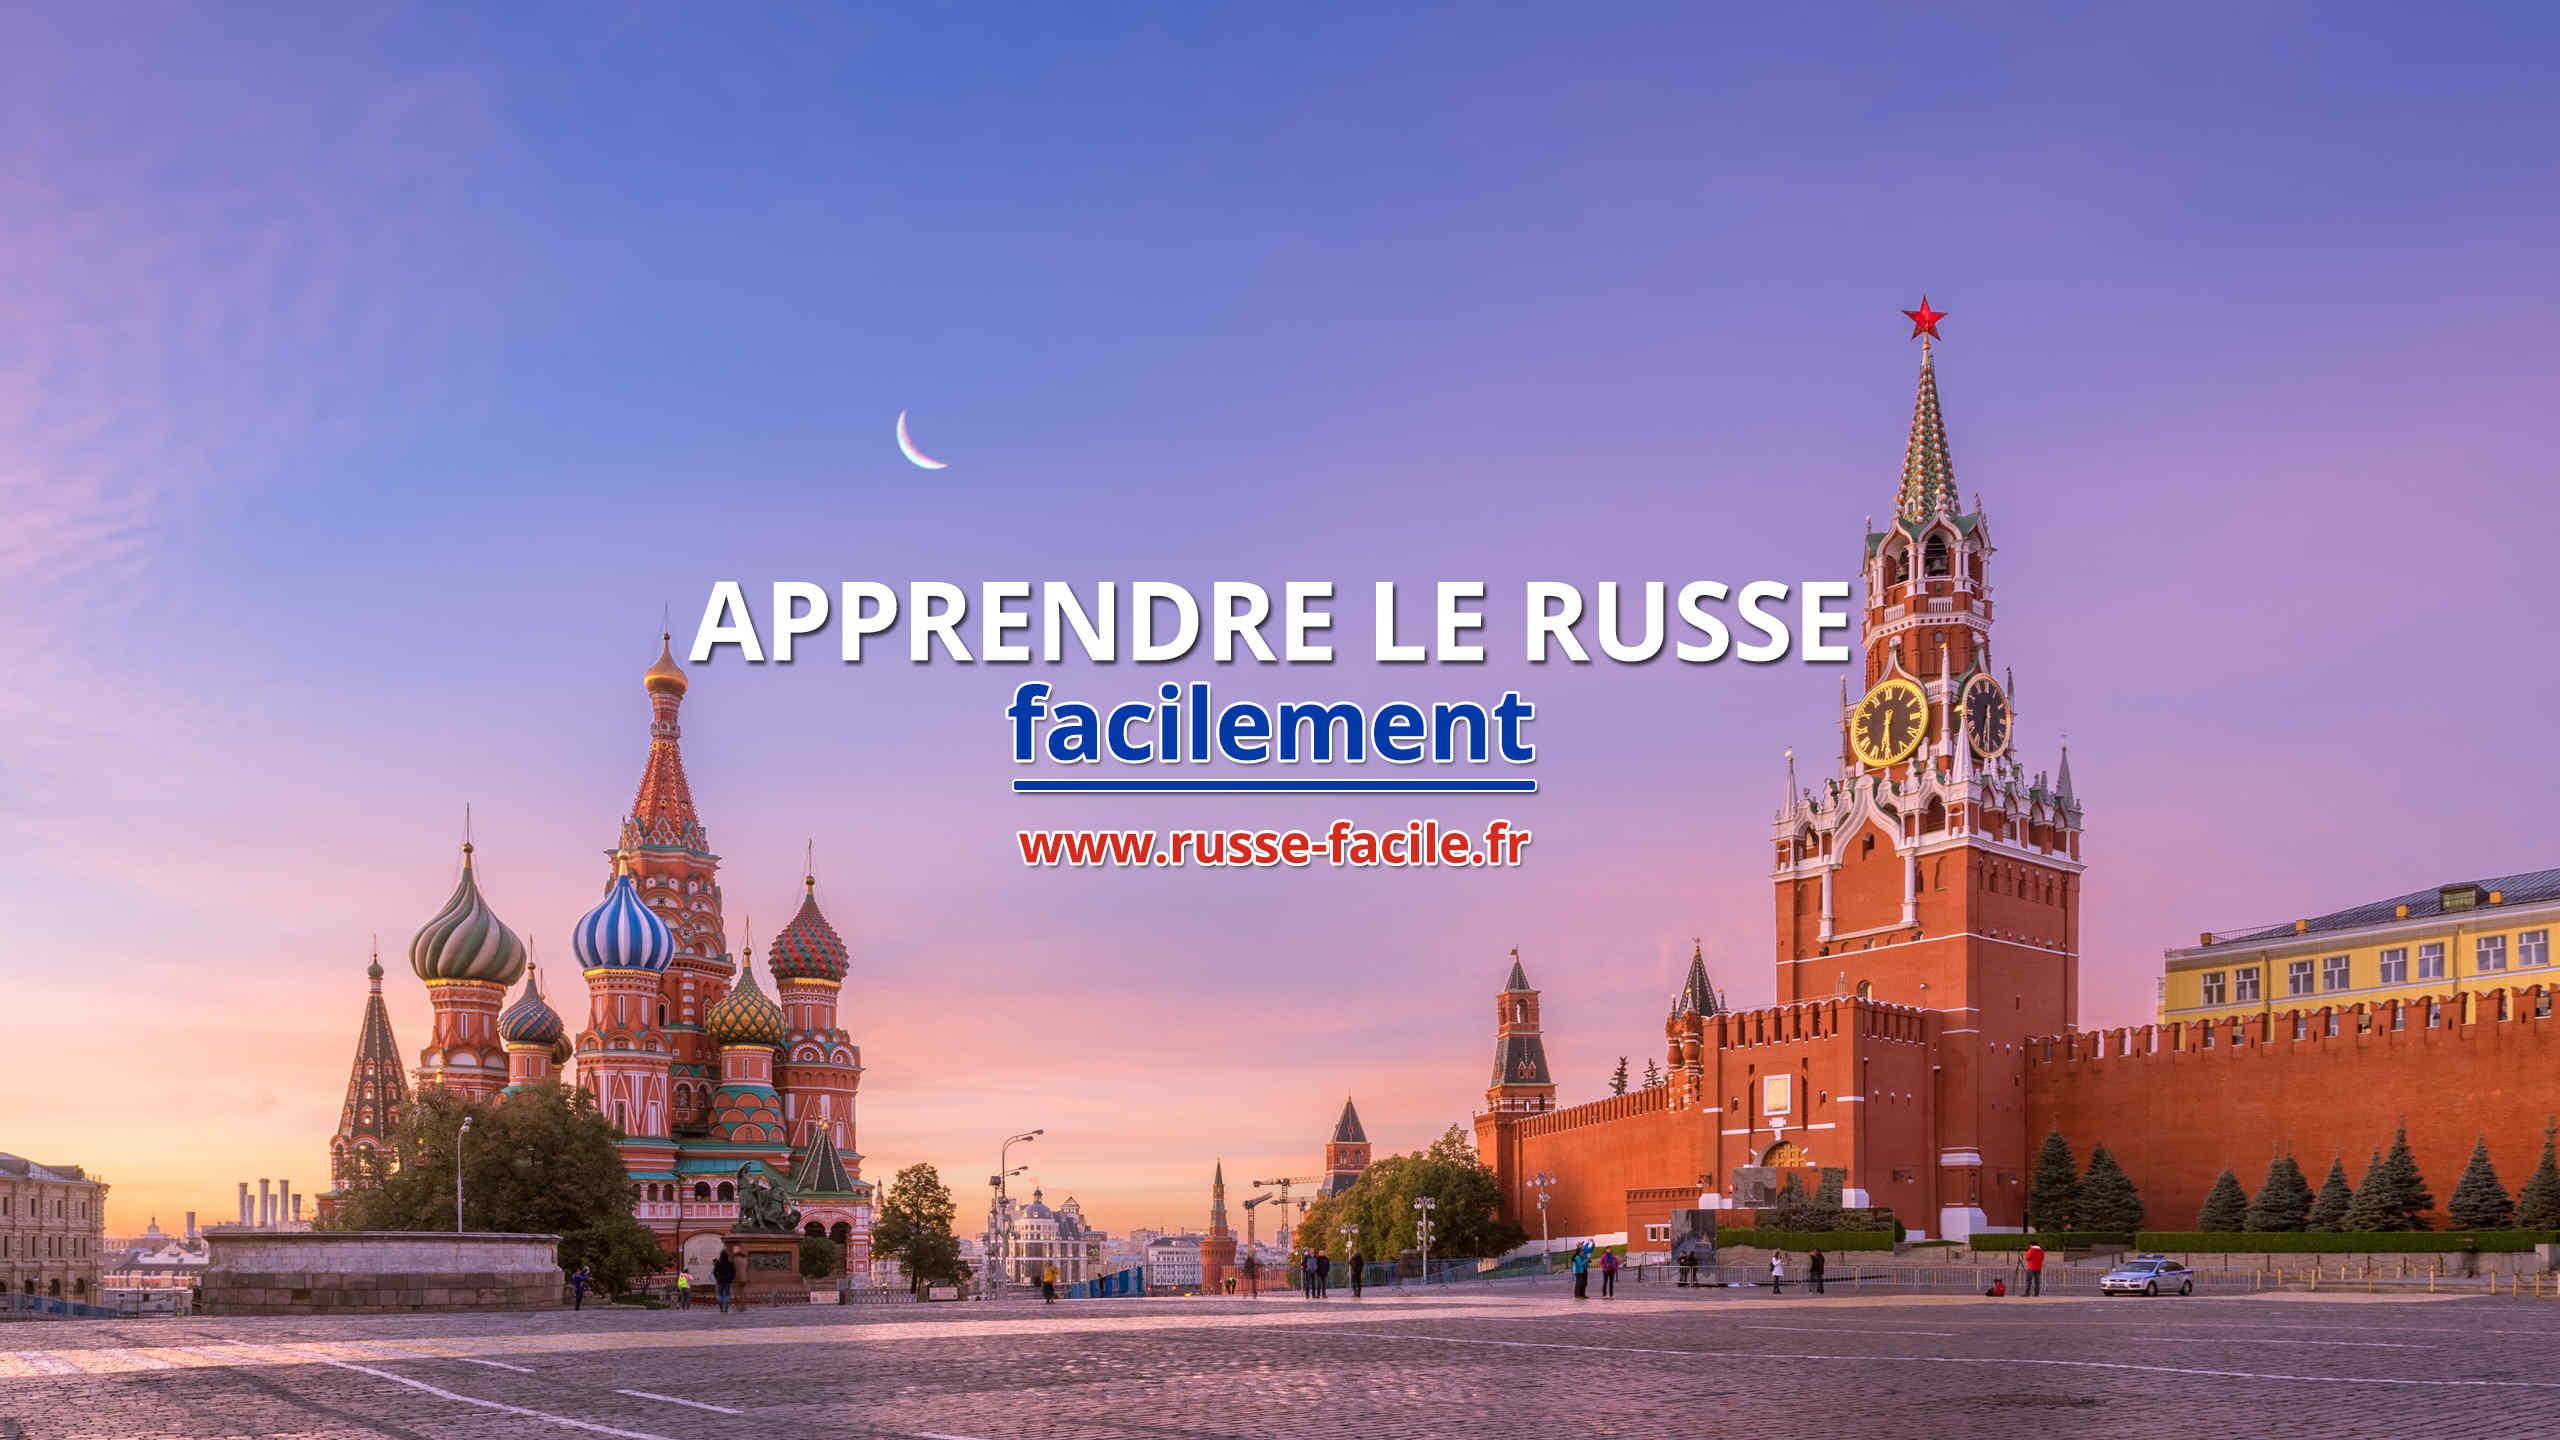 3 Étapes Pour Apprendre Le Russe Avec Plaisir Grâce À La Musique serapportantà Apprendre Le Russe Facilement Gratuitement